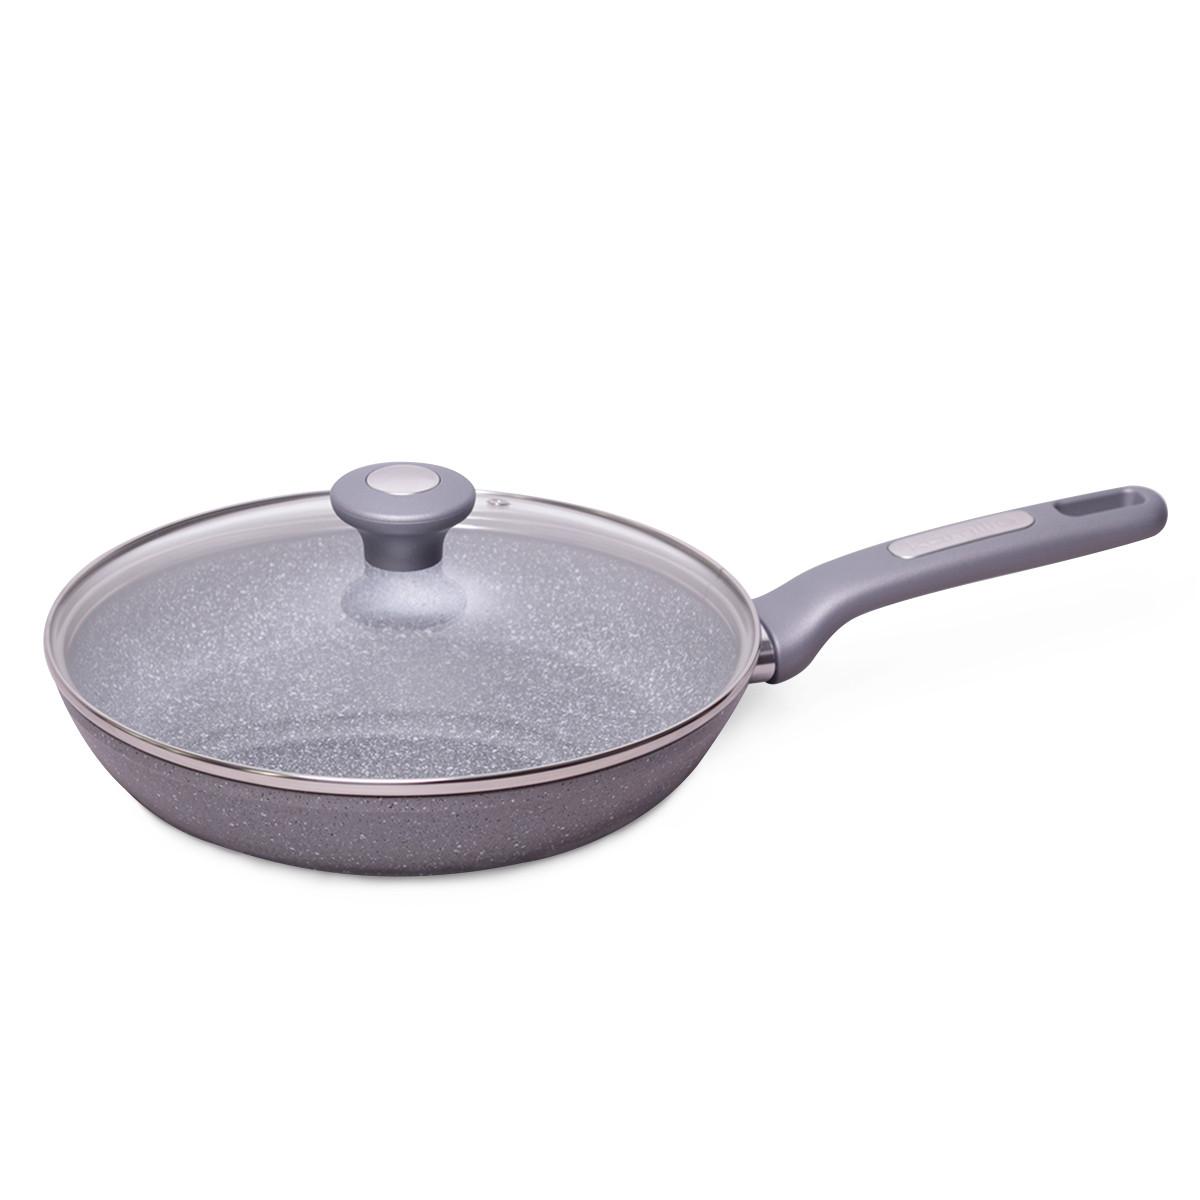 Сковорода для индукции 26 см Kamille с гранитным покрытием и крышкой